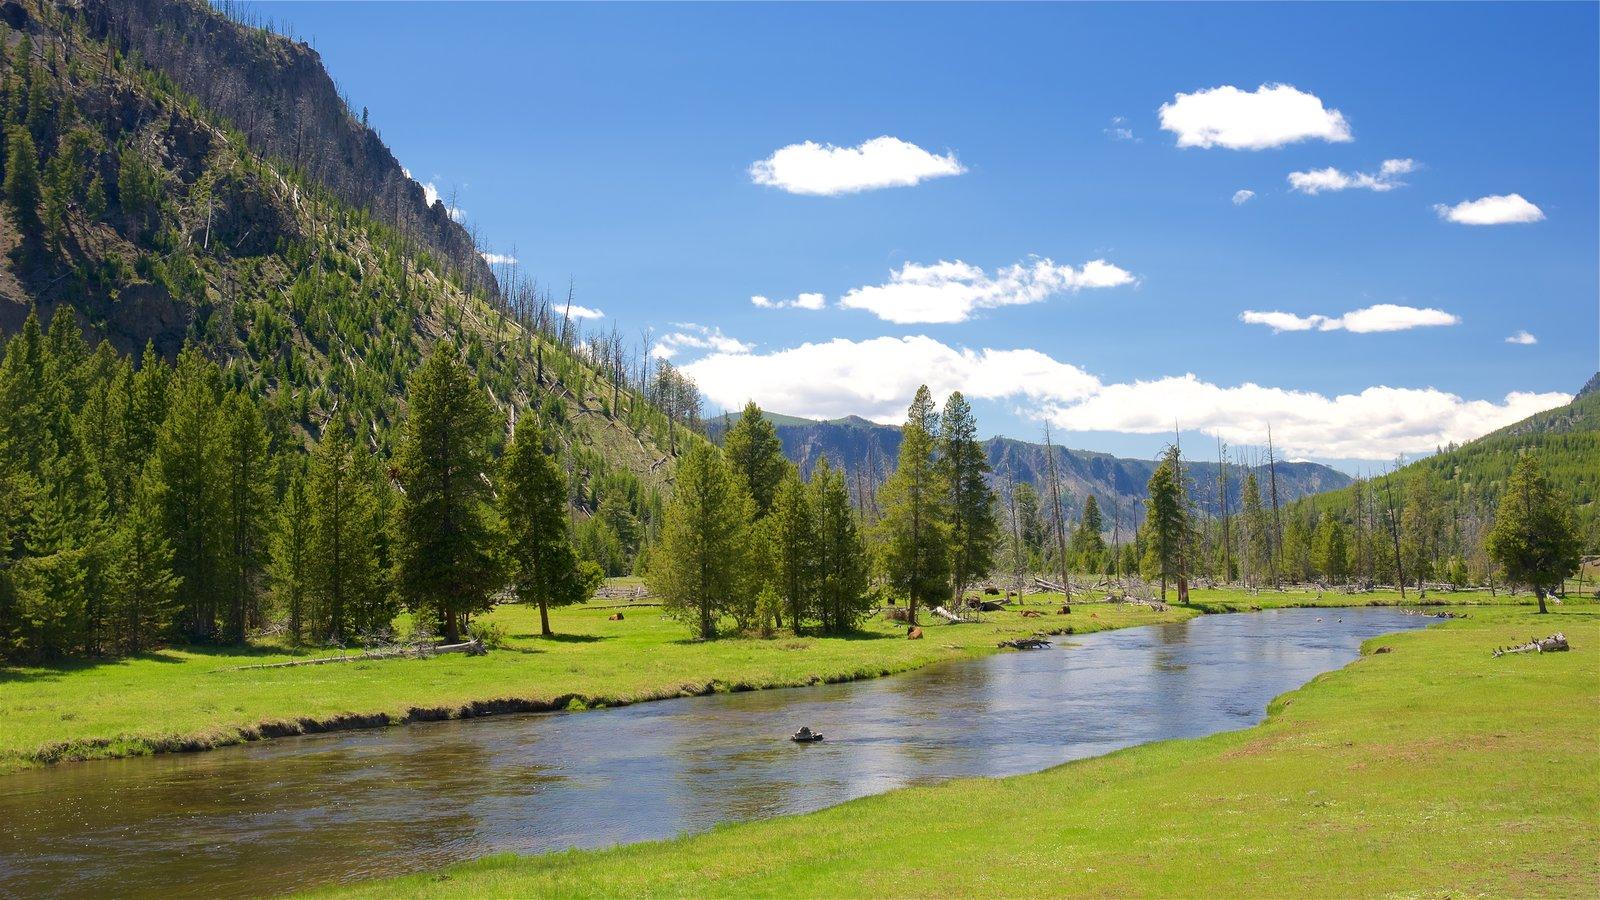 Yellowstone National Park mostrando cenas tranquilas e um rio ou córrego